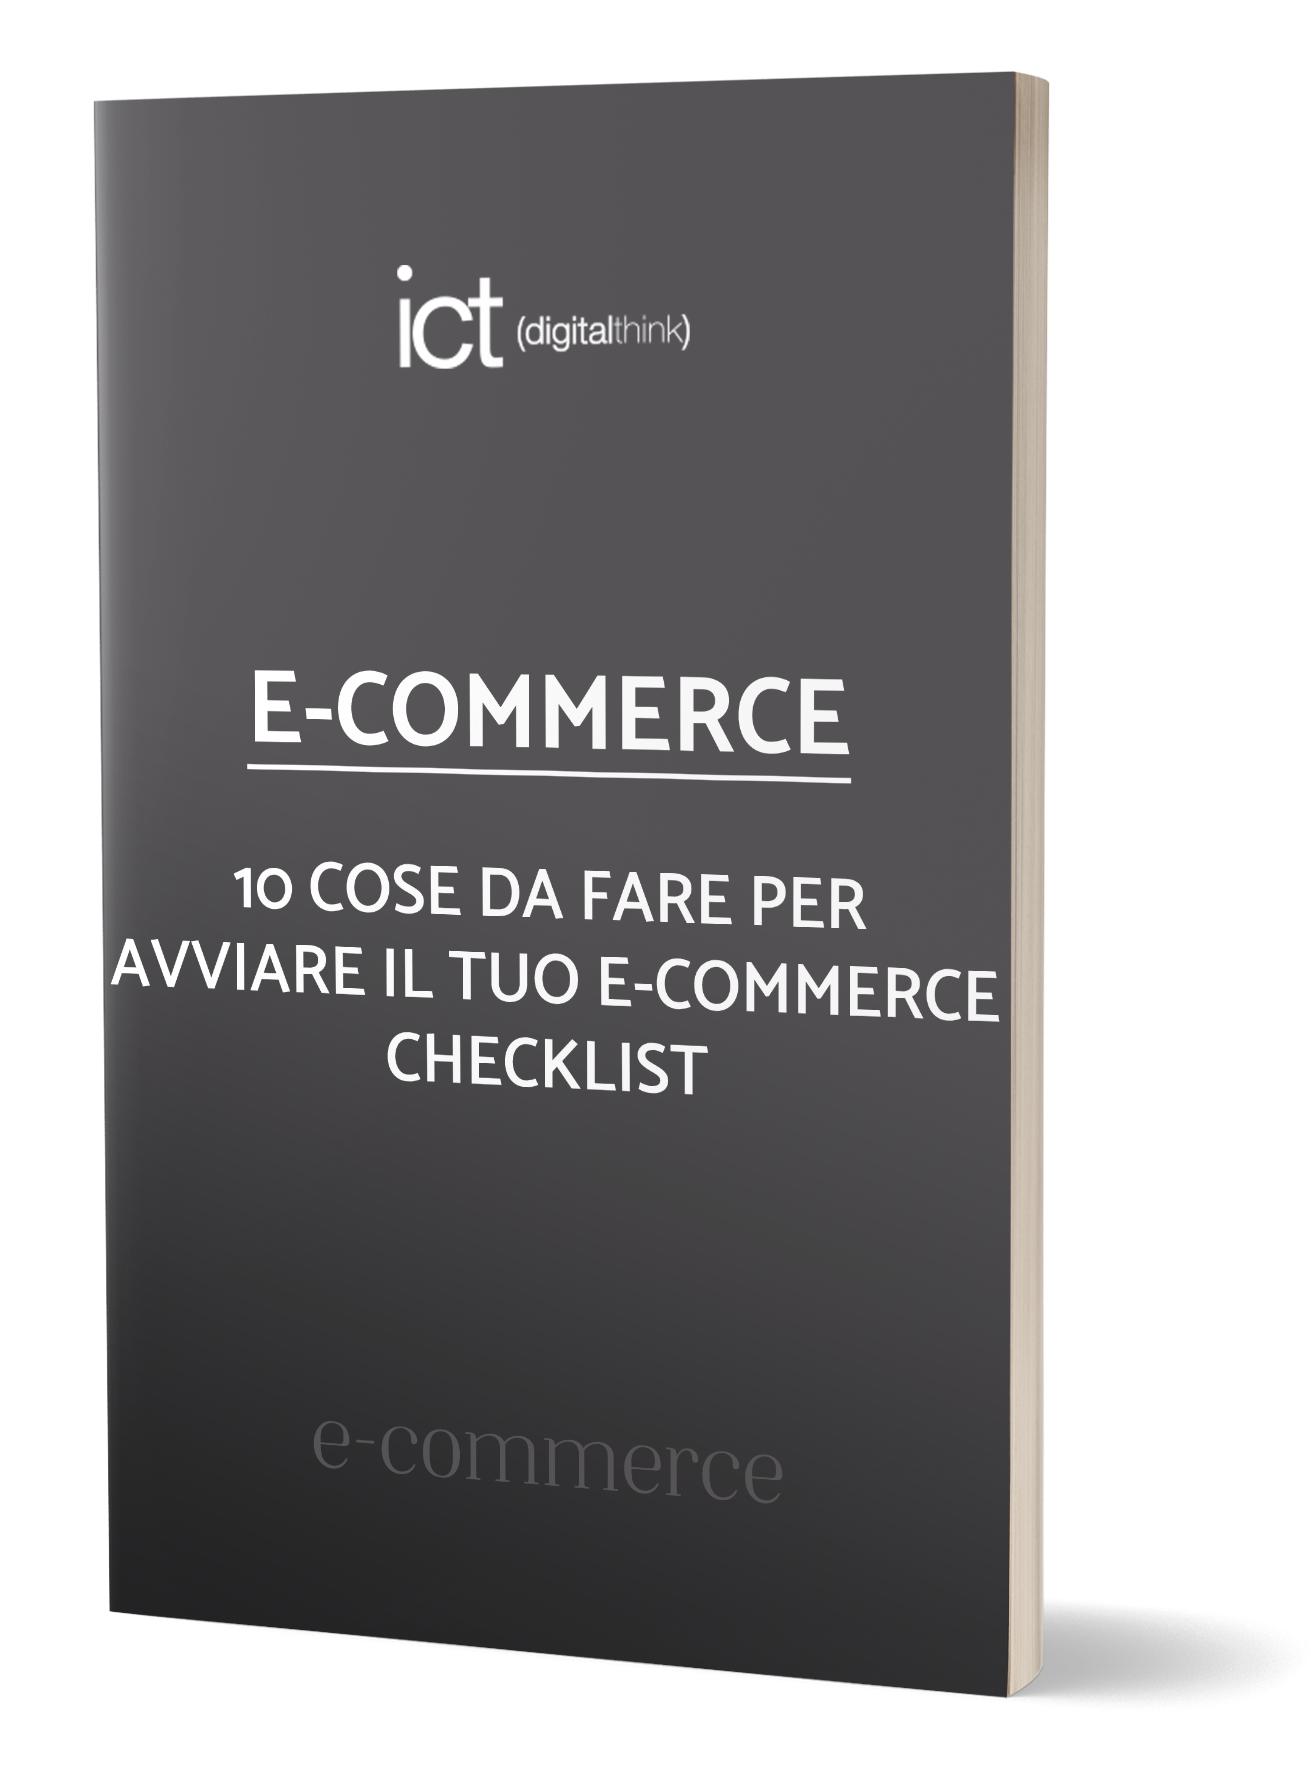 10 cose da fare per avviare il tuo e-commerce.